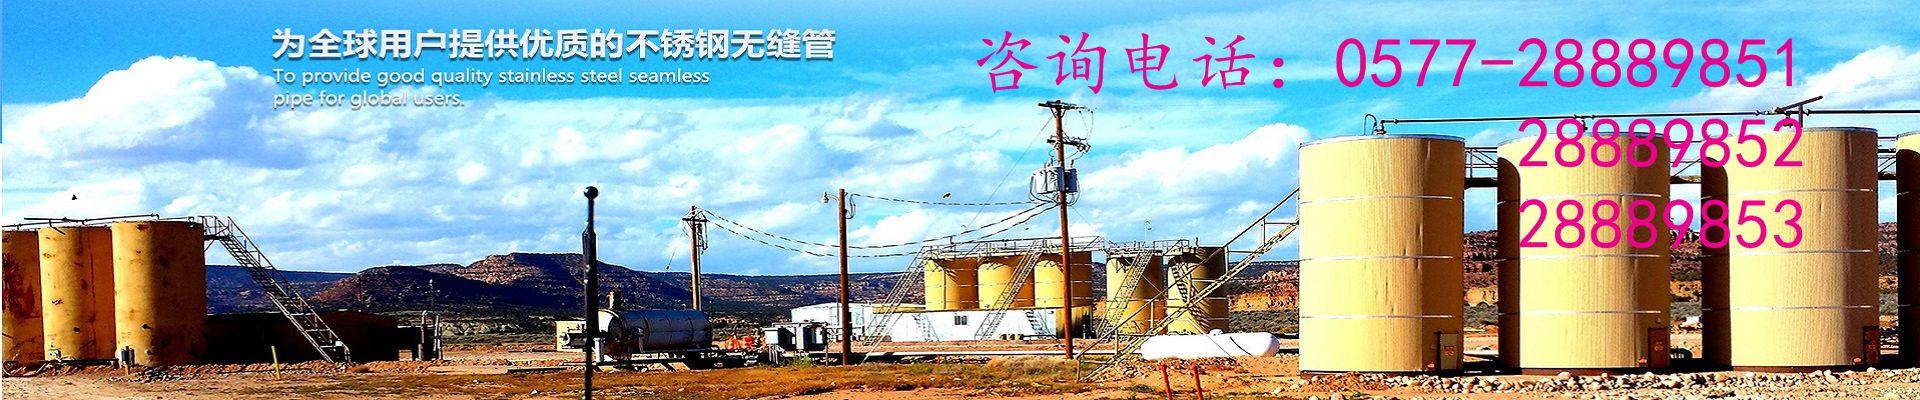 浙江久鑫不锈钢管厂